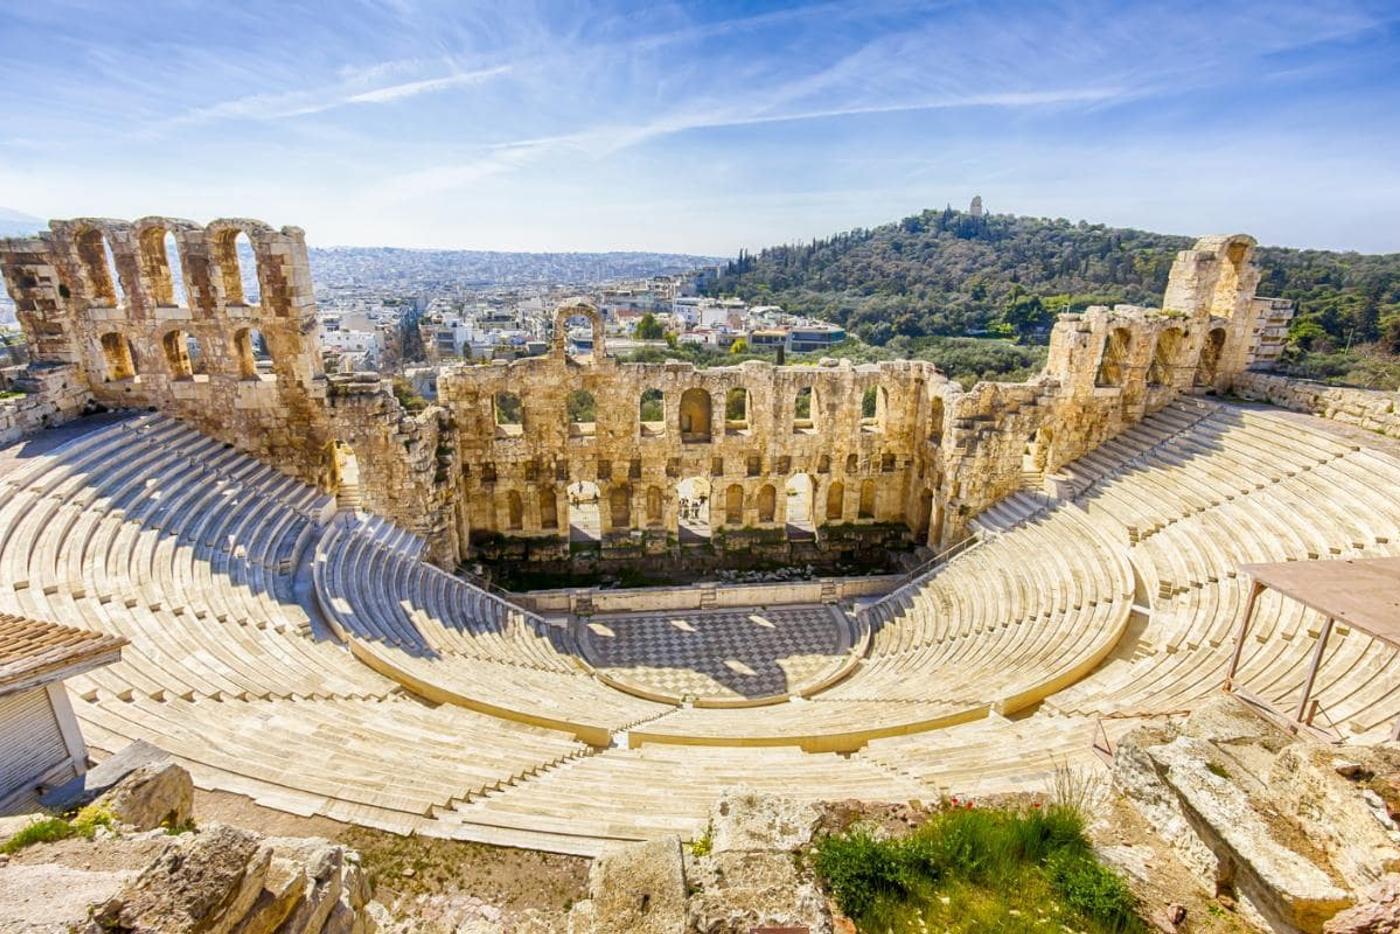 Photo Tour of Athens 2